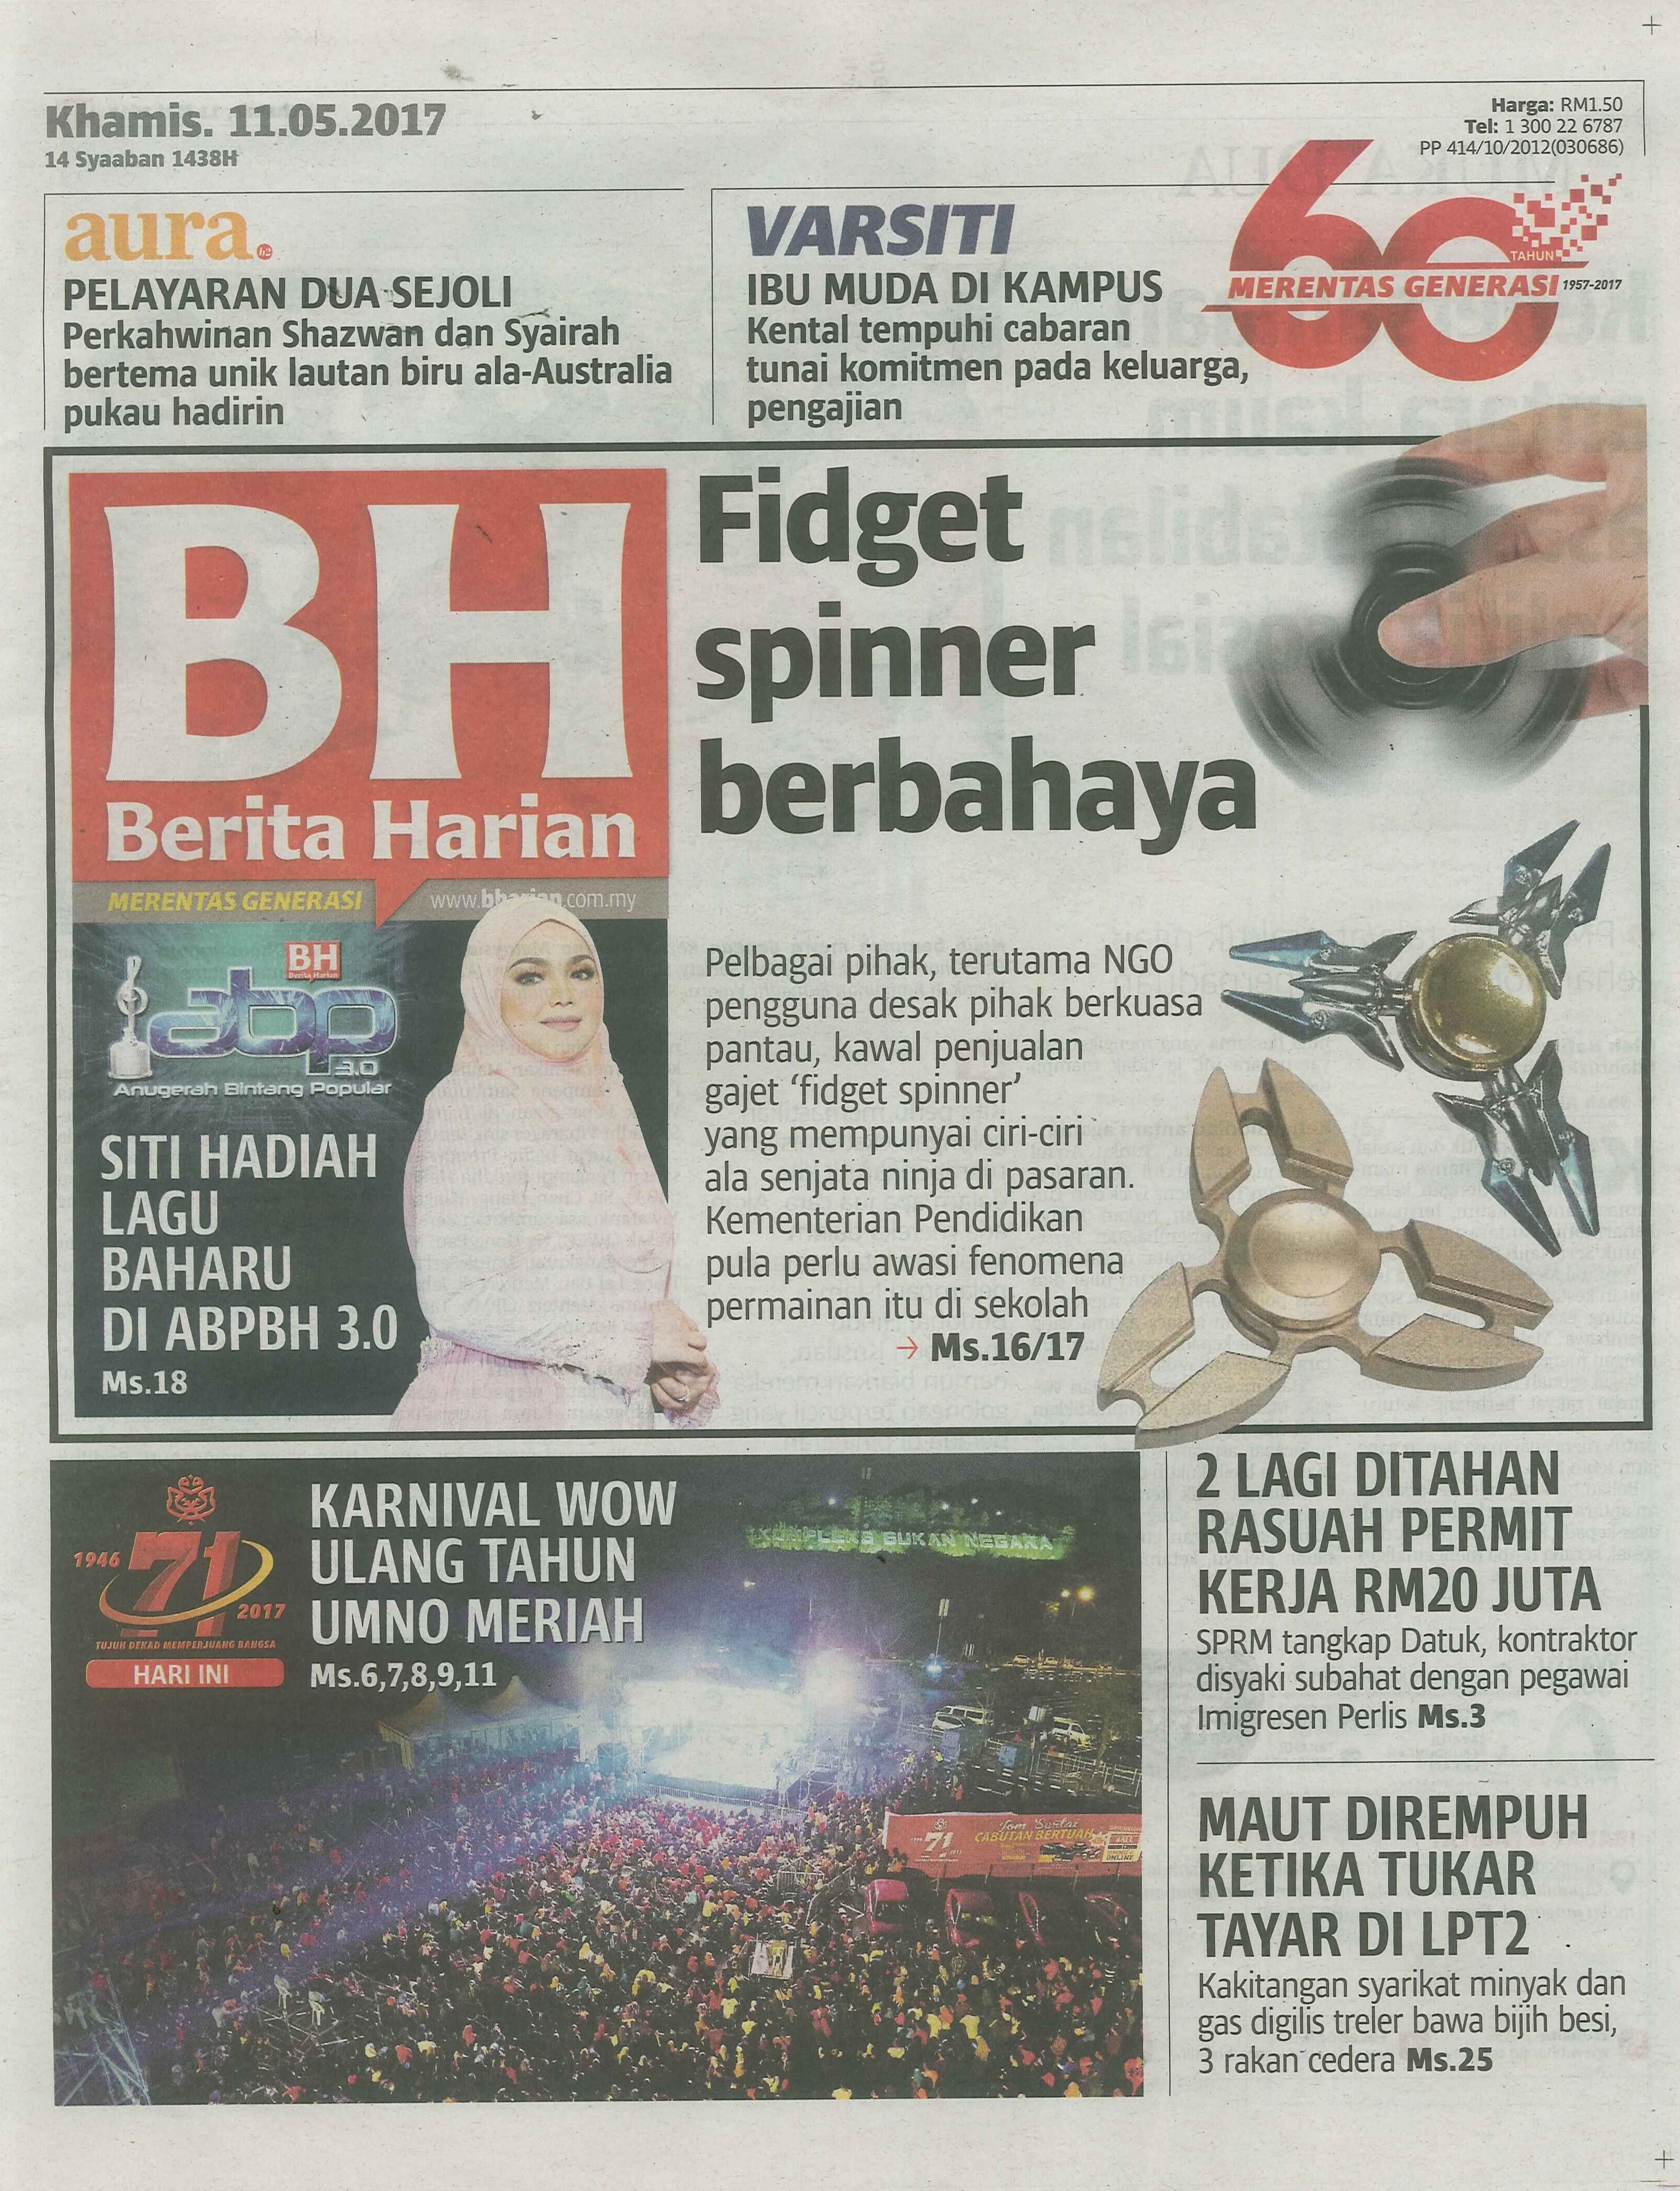 berita harian 11.5.2017